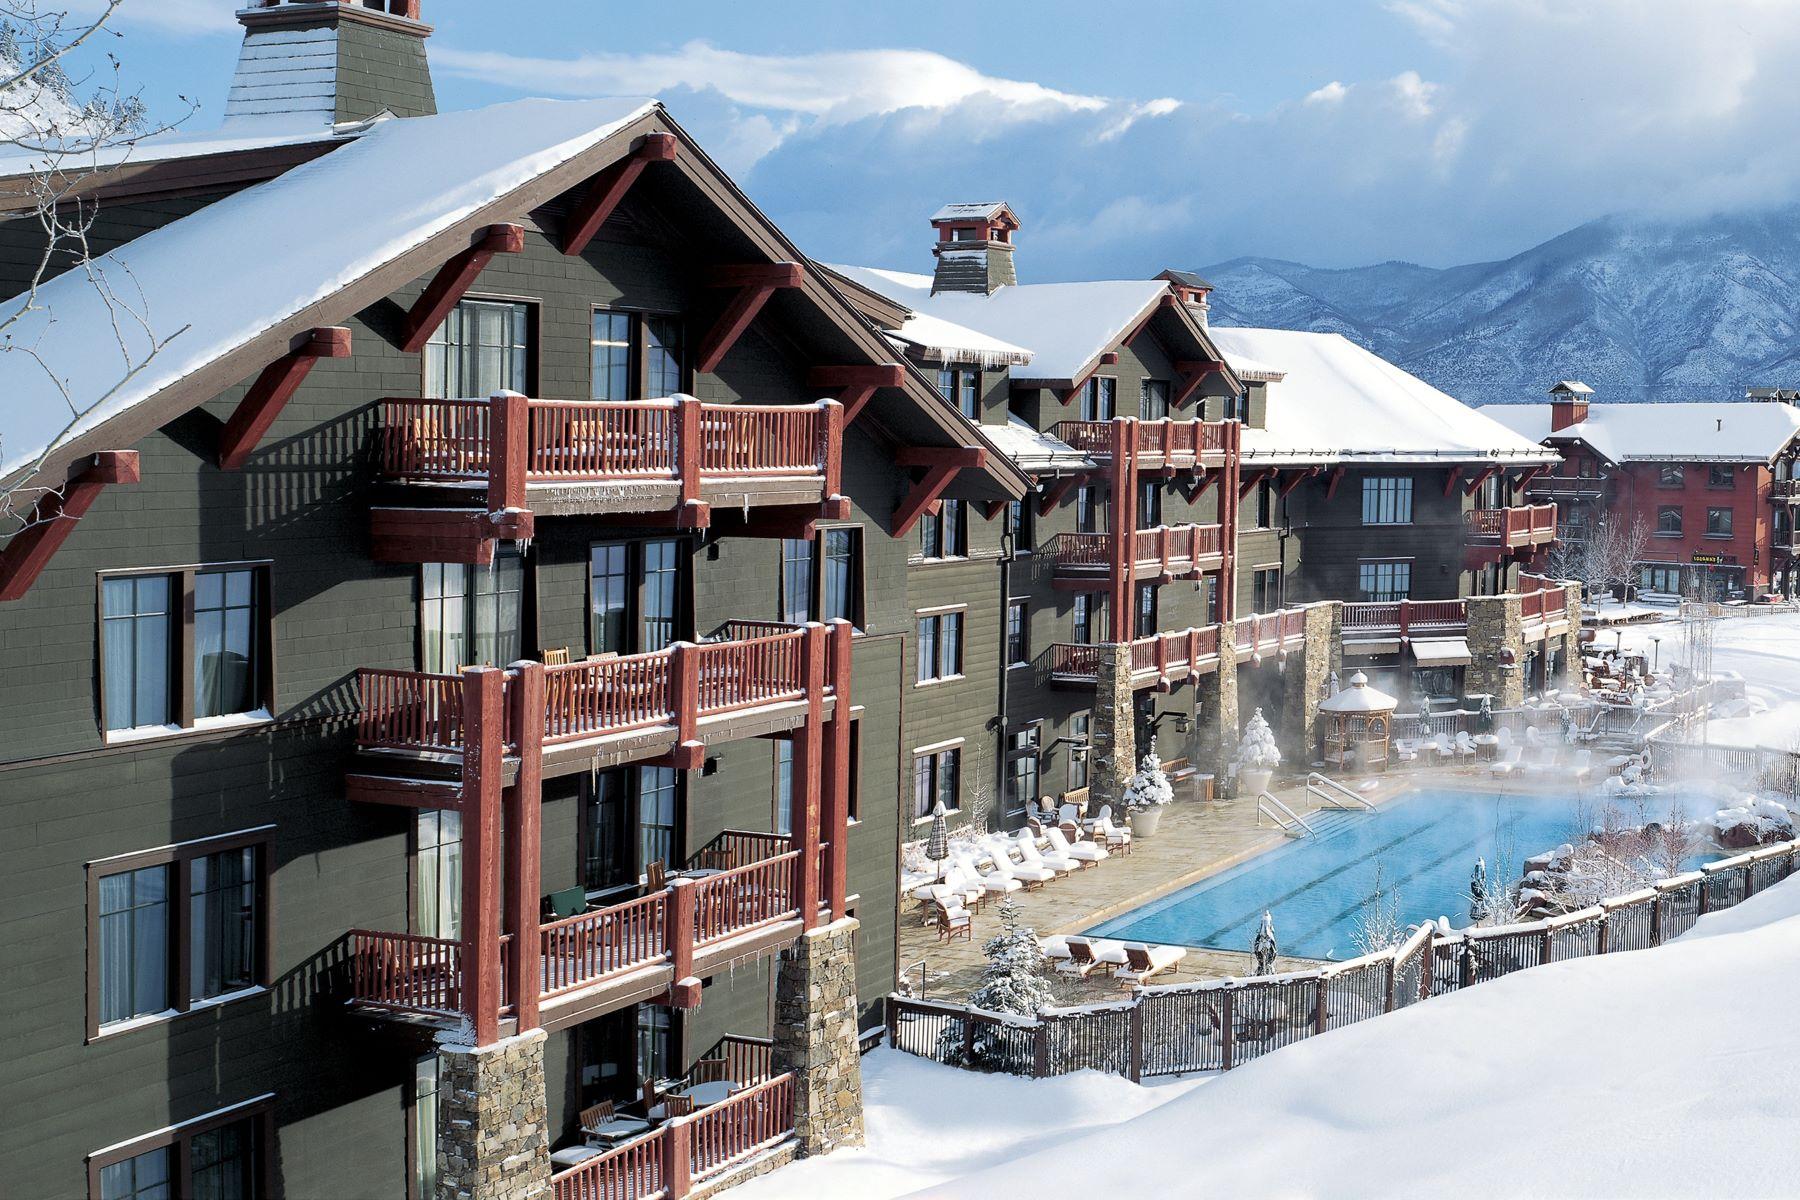 部分所有權 為 出售 在 The Ritz Carlton 0075 Prospector Road #8314-4, Aspen, 科羅拉多州, 81611 美國